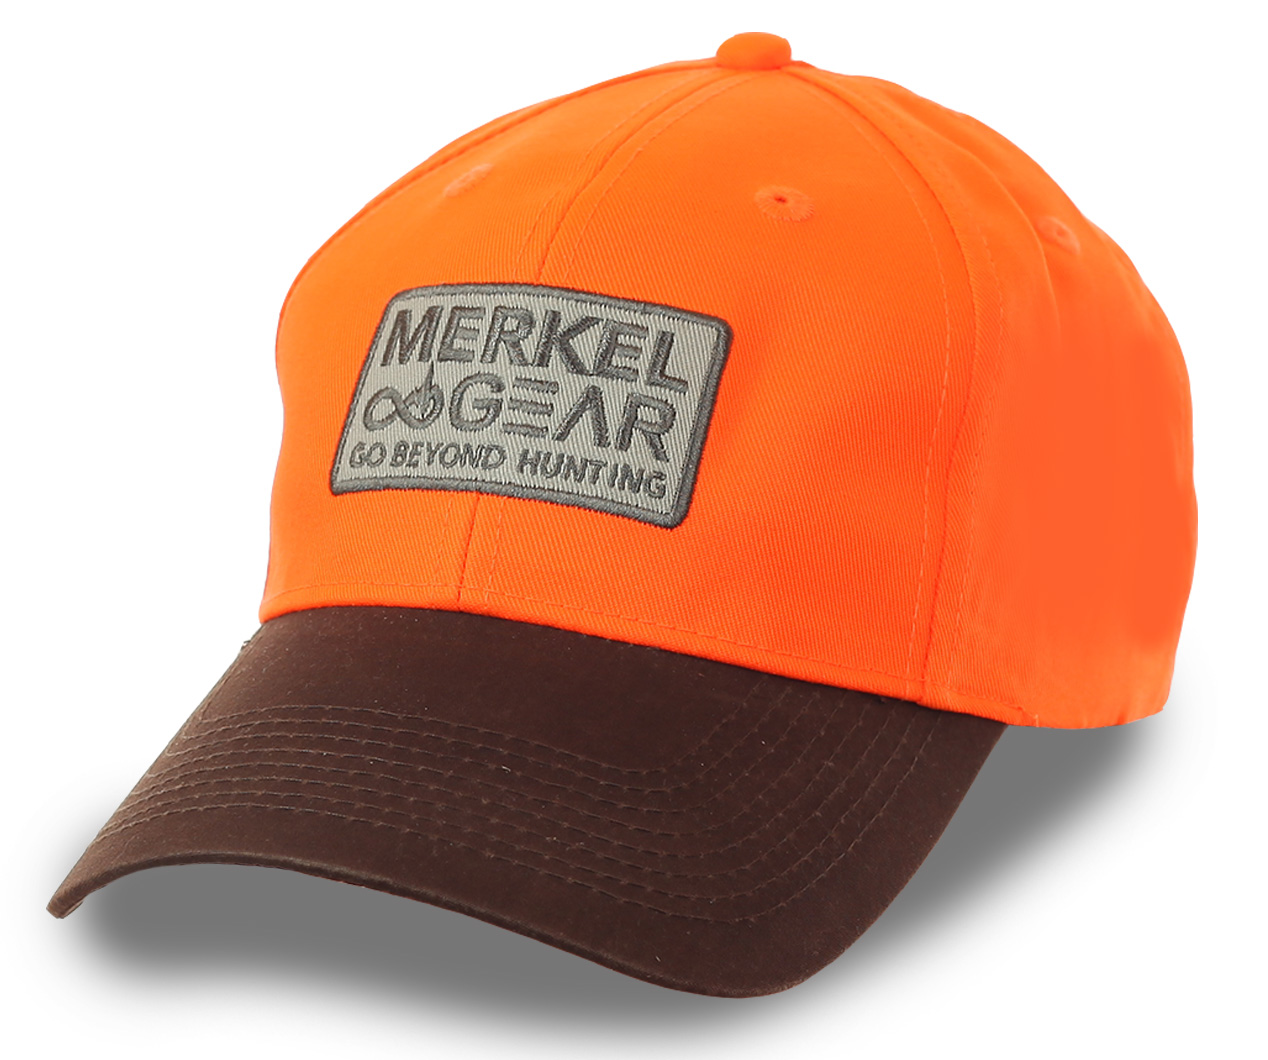 Яркая бейсболка с логотипом MERKEL GEAR – компании, которая четко представляет, каким должно быть идеальное охотничье снаряжение